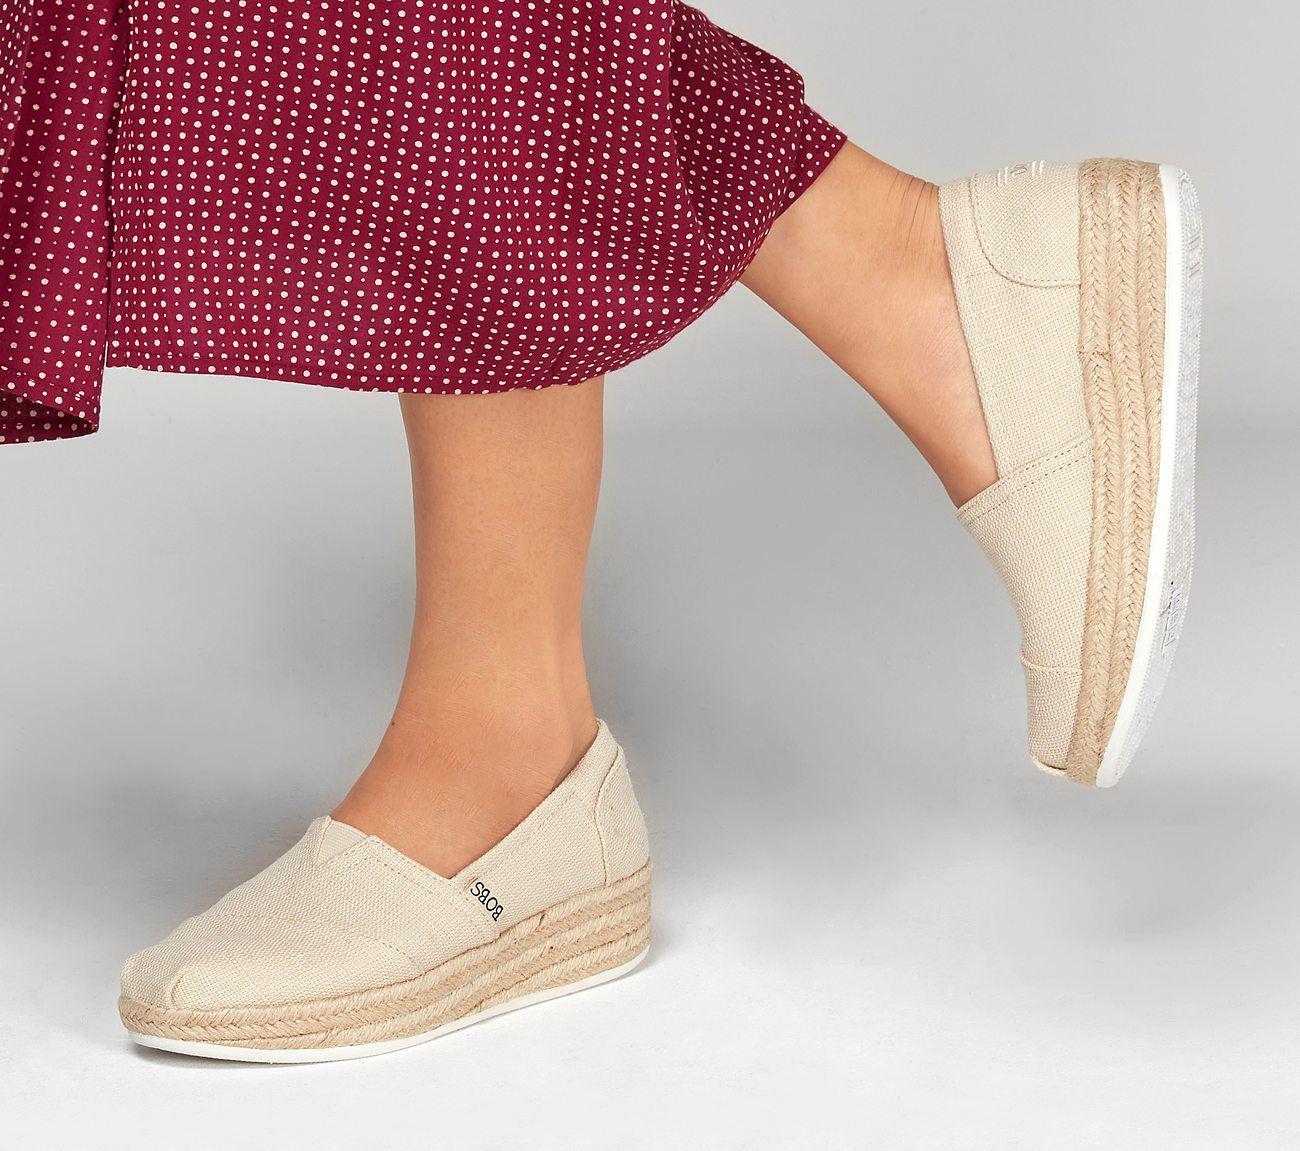 sensación quiero preposición  Buy SKECHERS BOBS Highlights 2.0 - Fairy Duster BOBS Shoes | Bob shoes, Skechers  bobs, Fabric shoes